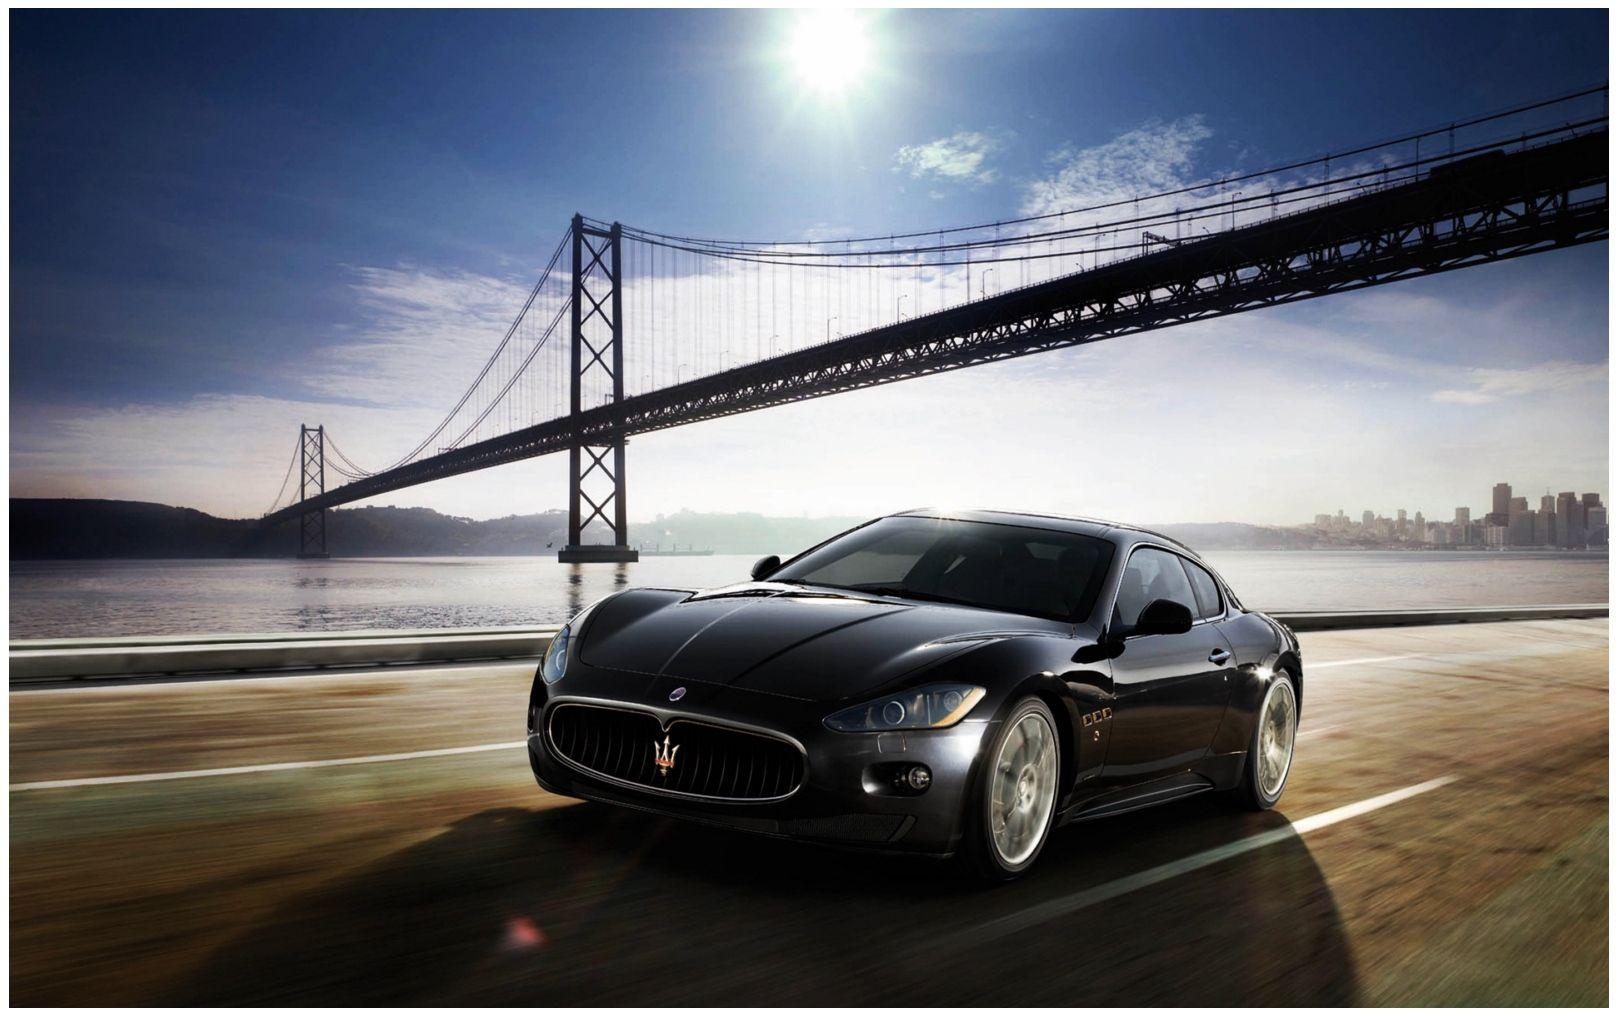 New Maserati Granturismo Hd Car Wallpaper Hd Walls Maserati Maserati Granturismo S Fondos De Pantalla De Coches